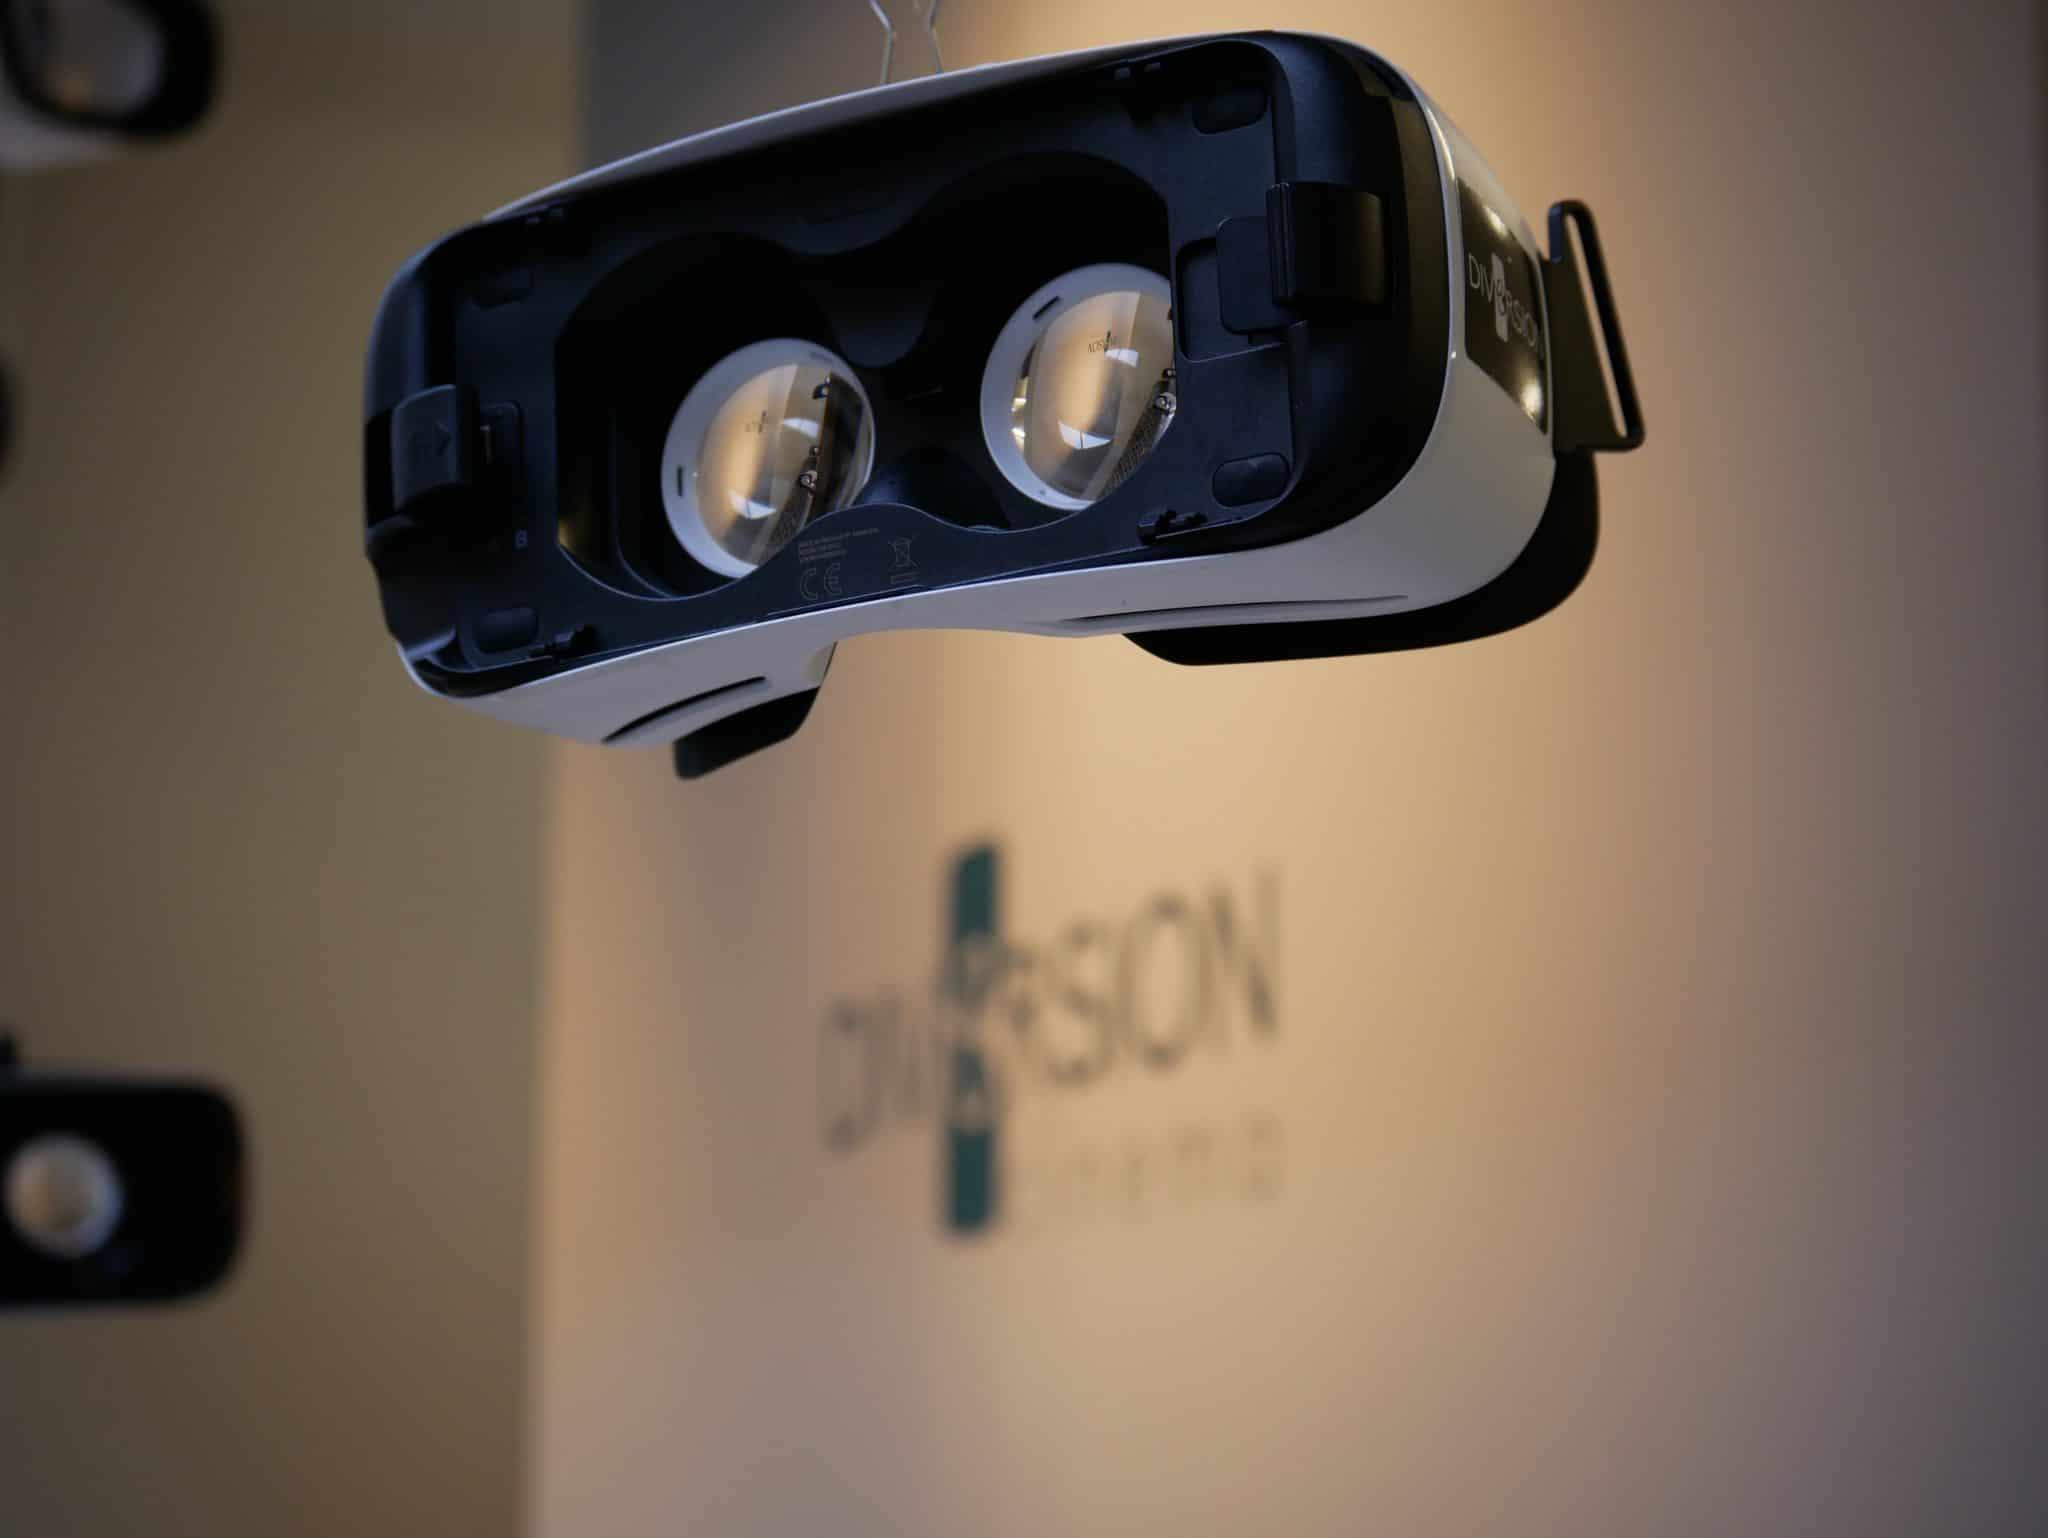 VR - centrequatre paris -paris - réalité augmenté - films - location - expérience - immersif - en ligne - à la maison - casque - cinéma